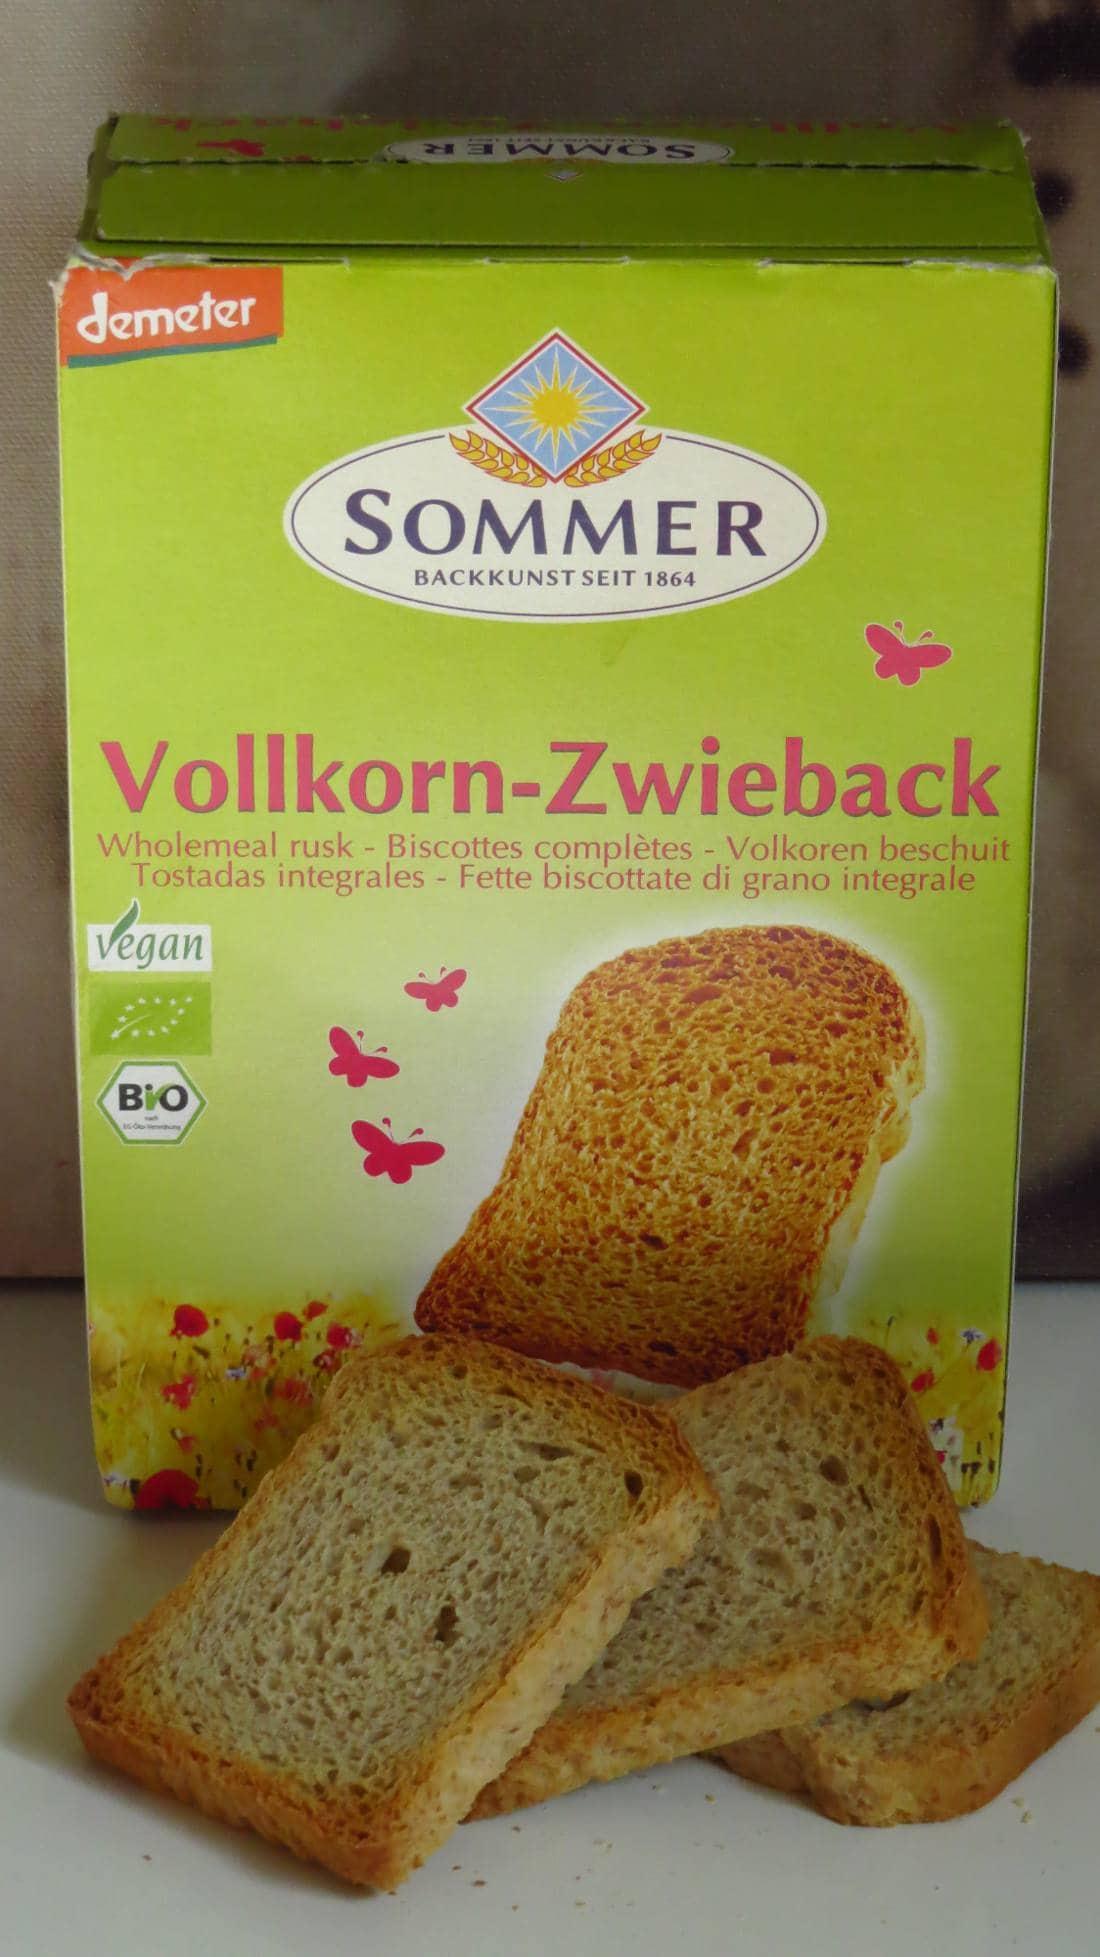 Sommer Vollkorn-Zwieback